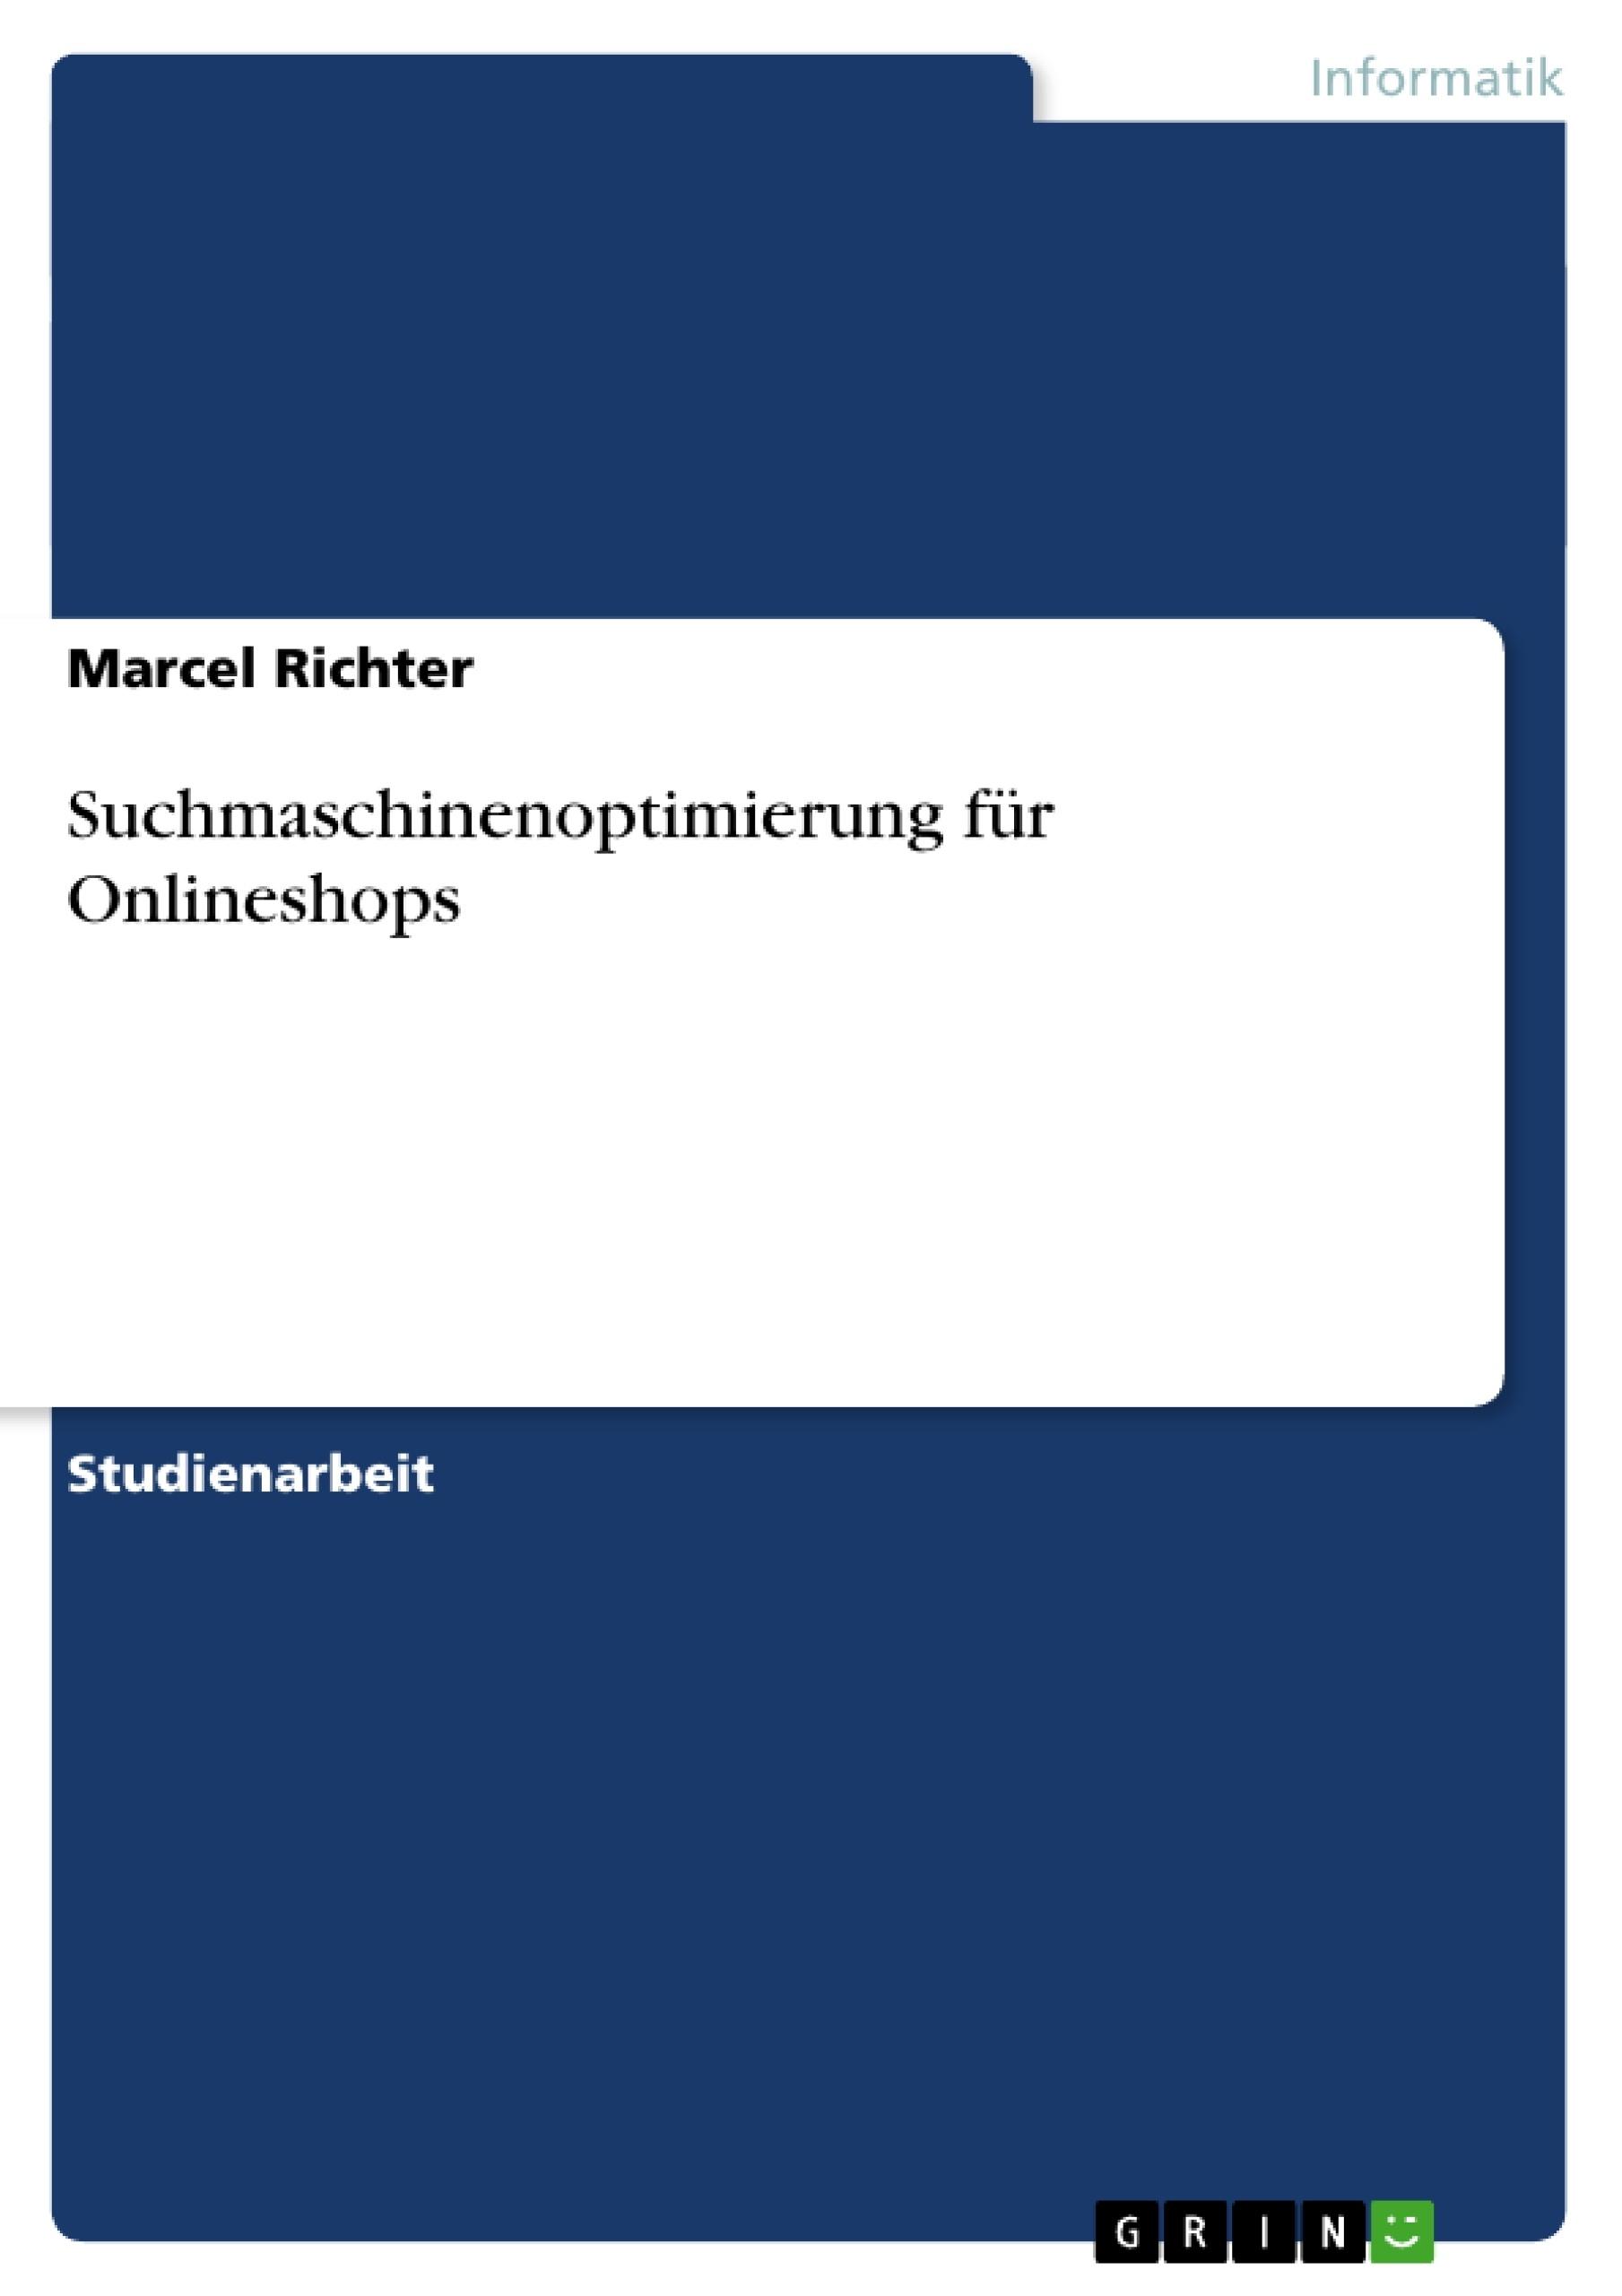 Titel: Suchmaschinenoptimierung für Onlineshops